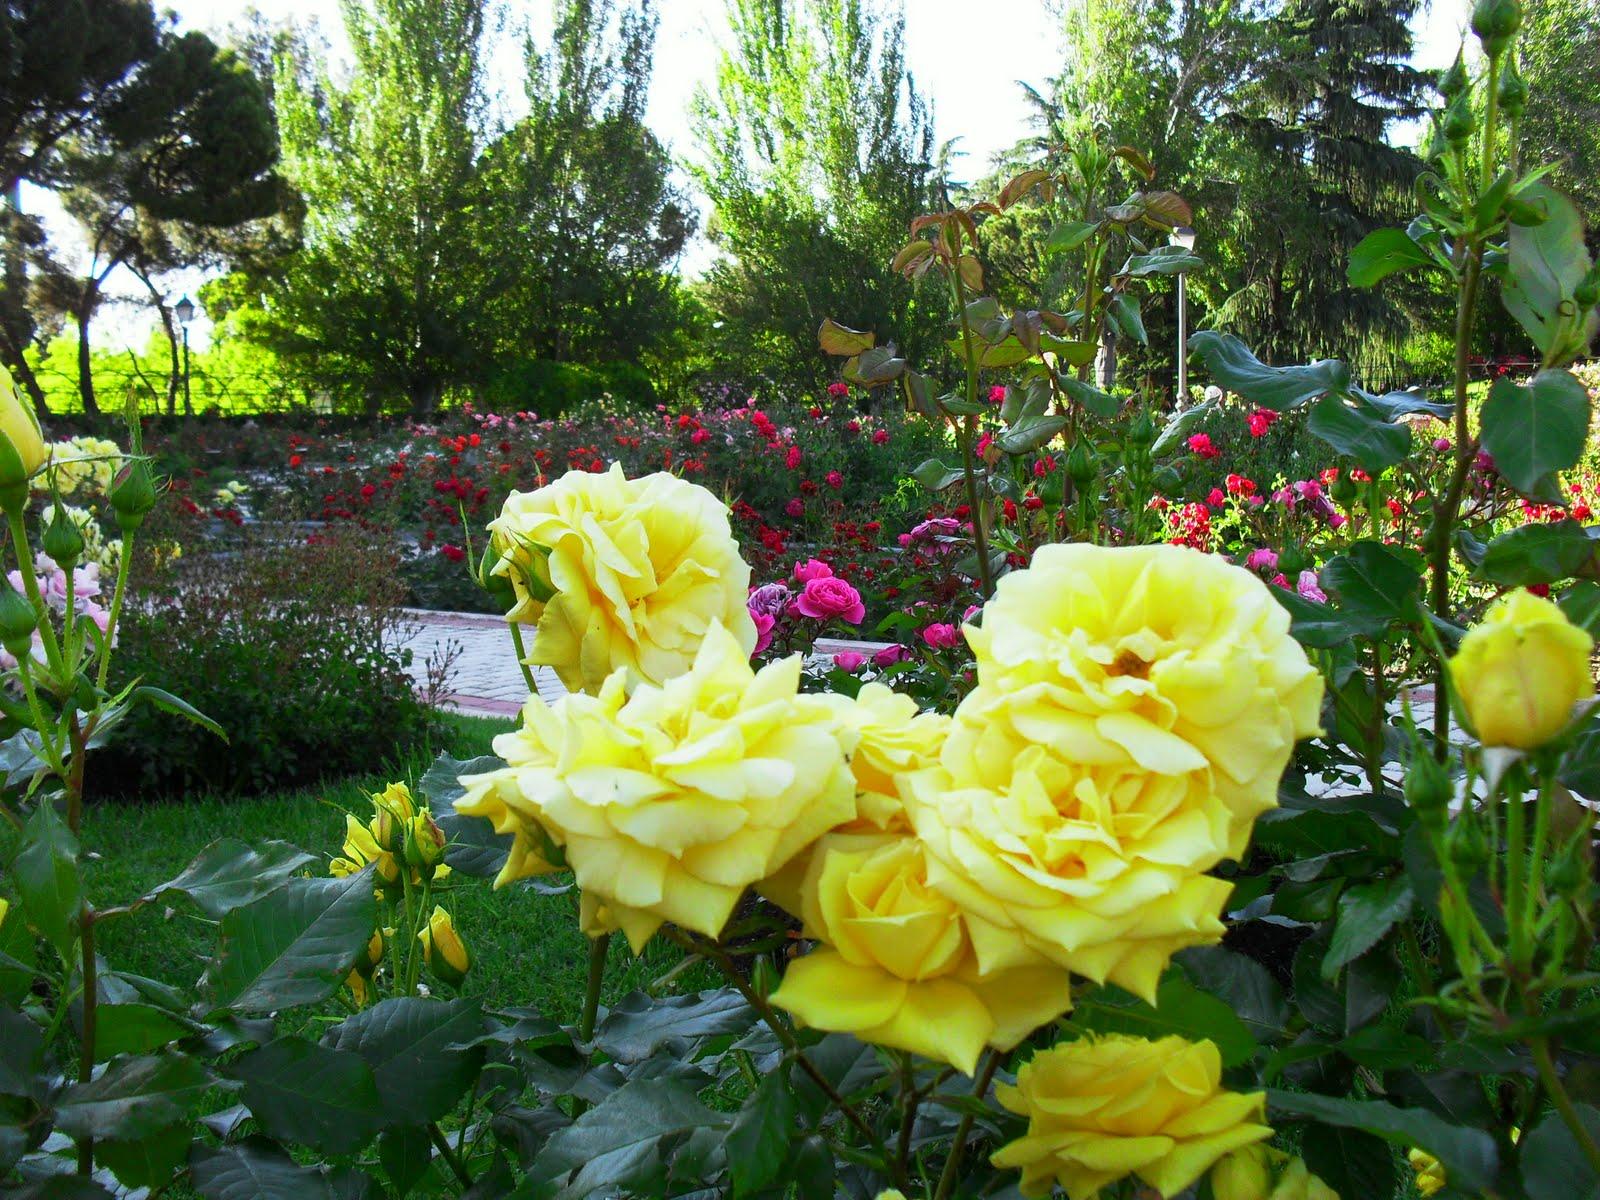 Arte y jardiner a rosaleda parque del oeste for Paginas de jardineria